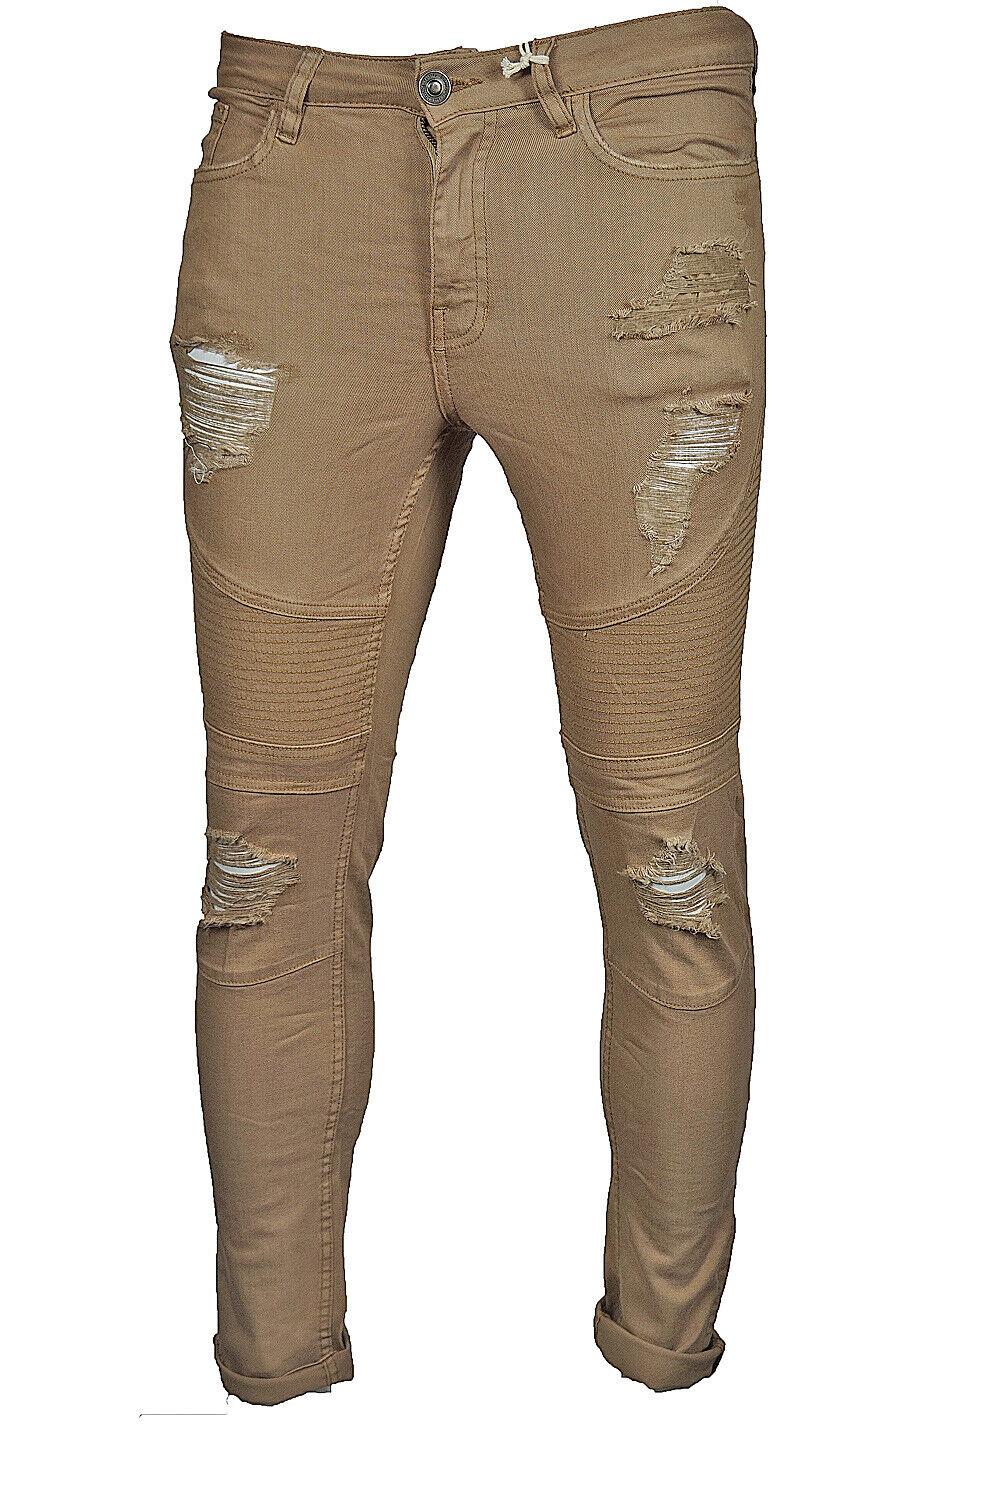 Uomo Super Skinny Strappato Denim Jeans Slim Fit Basics da Lcj Tutte le Taglie